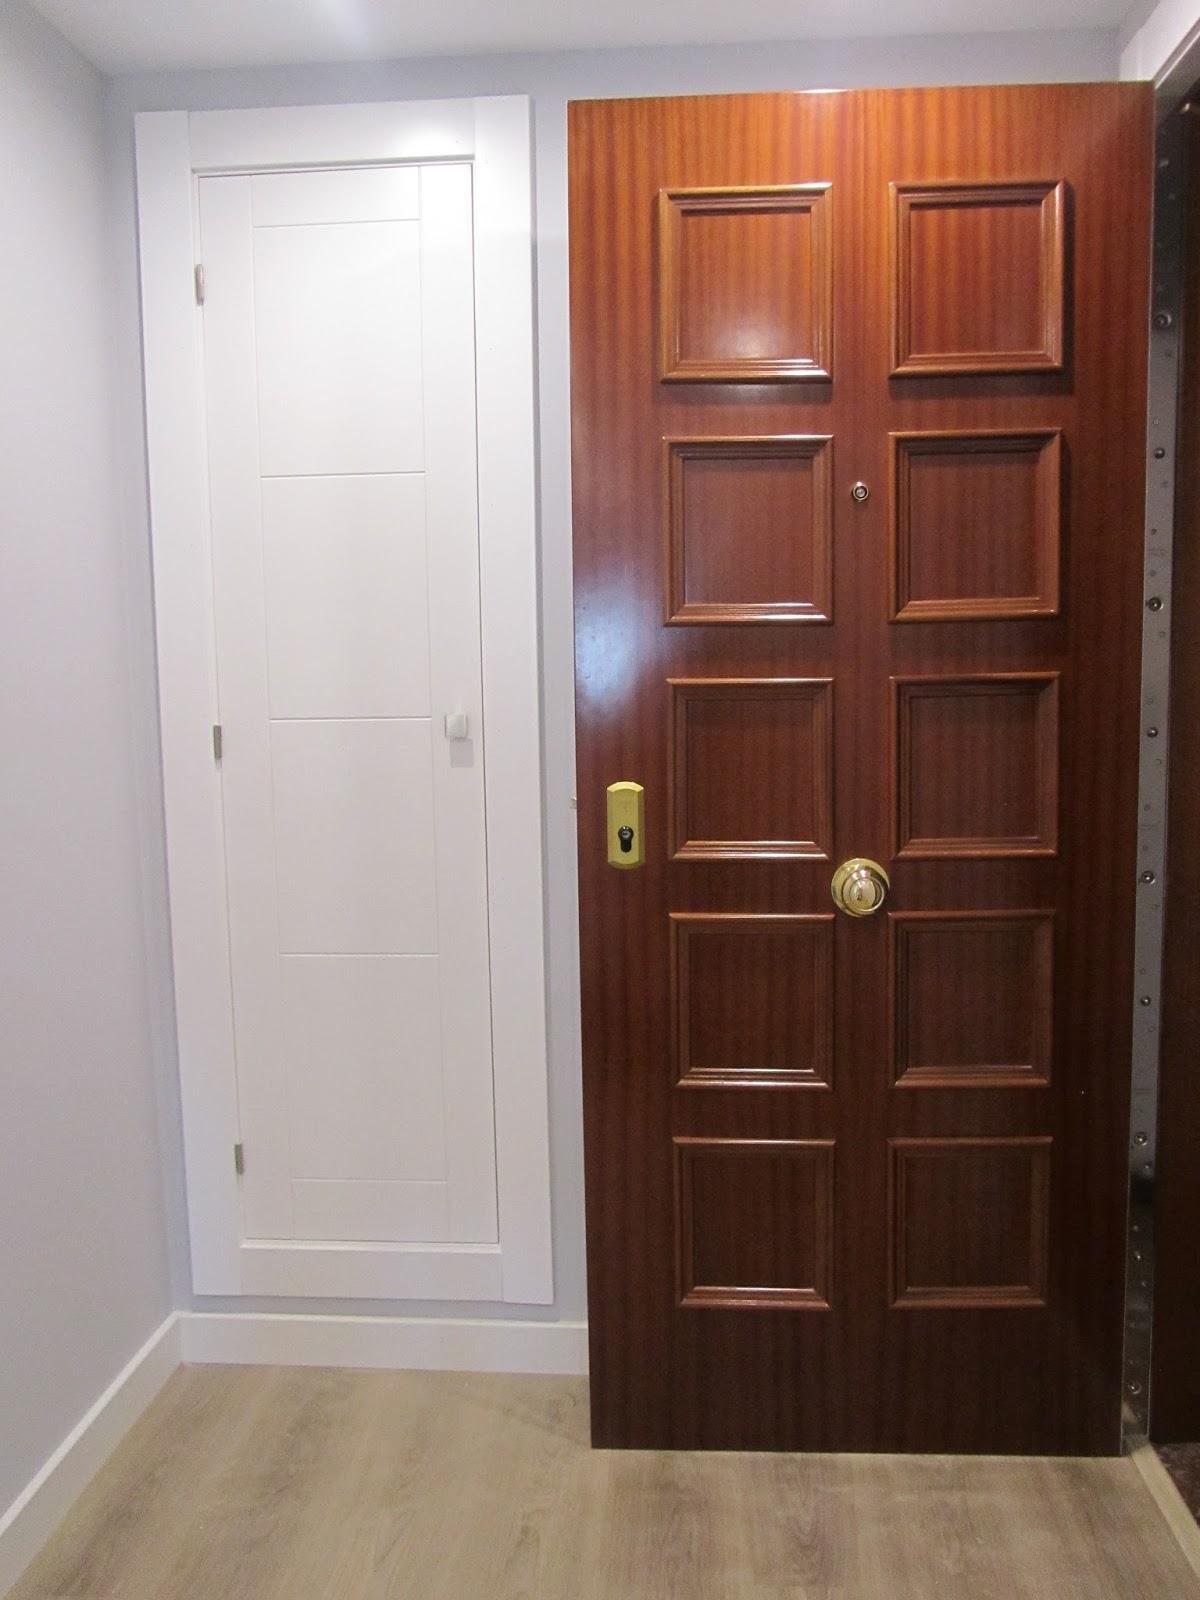 Puertas de interior segunda mano excellent latest puertas for Puertas de interior de segunda mano